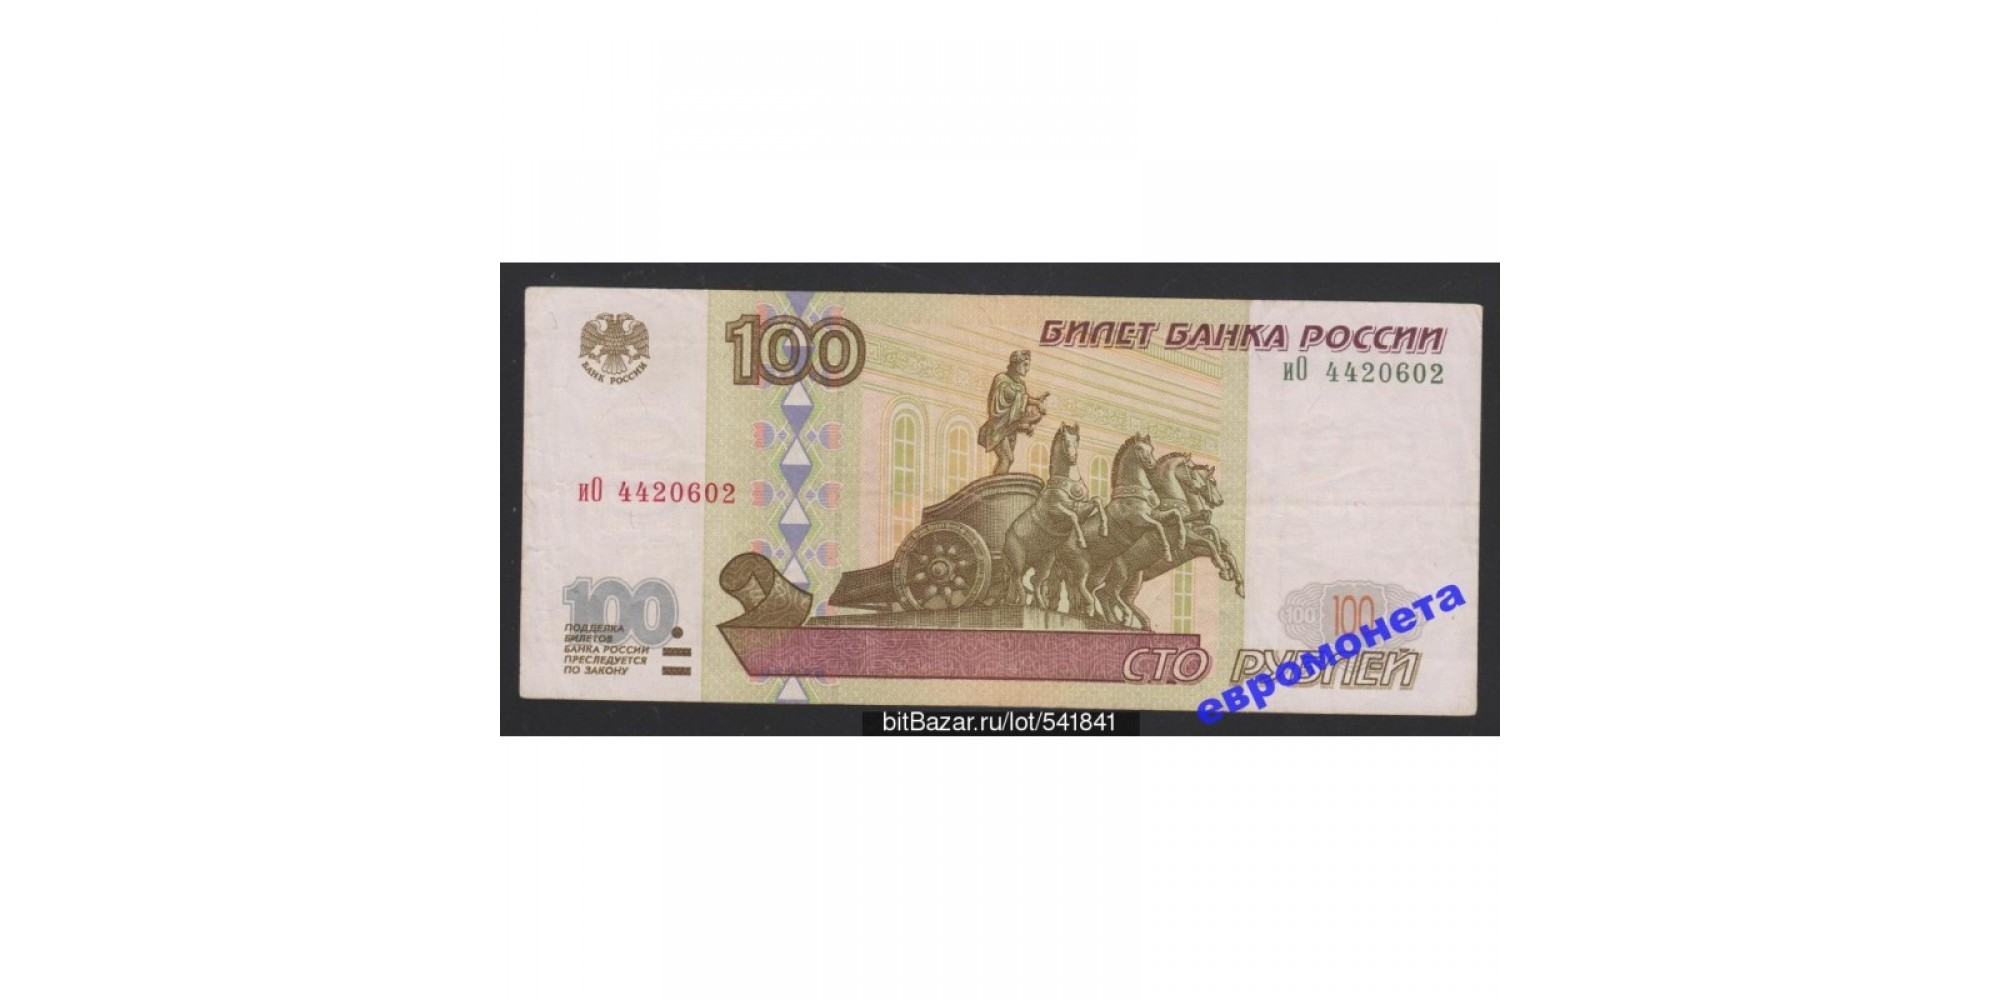 Россия 100 рублей 1997 год без модификации серия иО 4420602